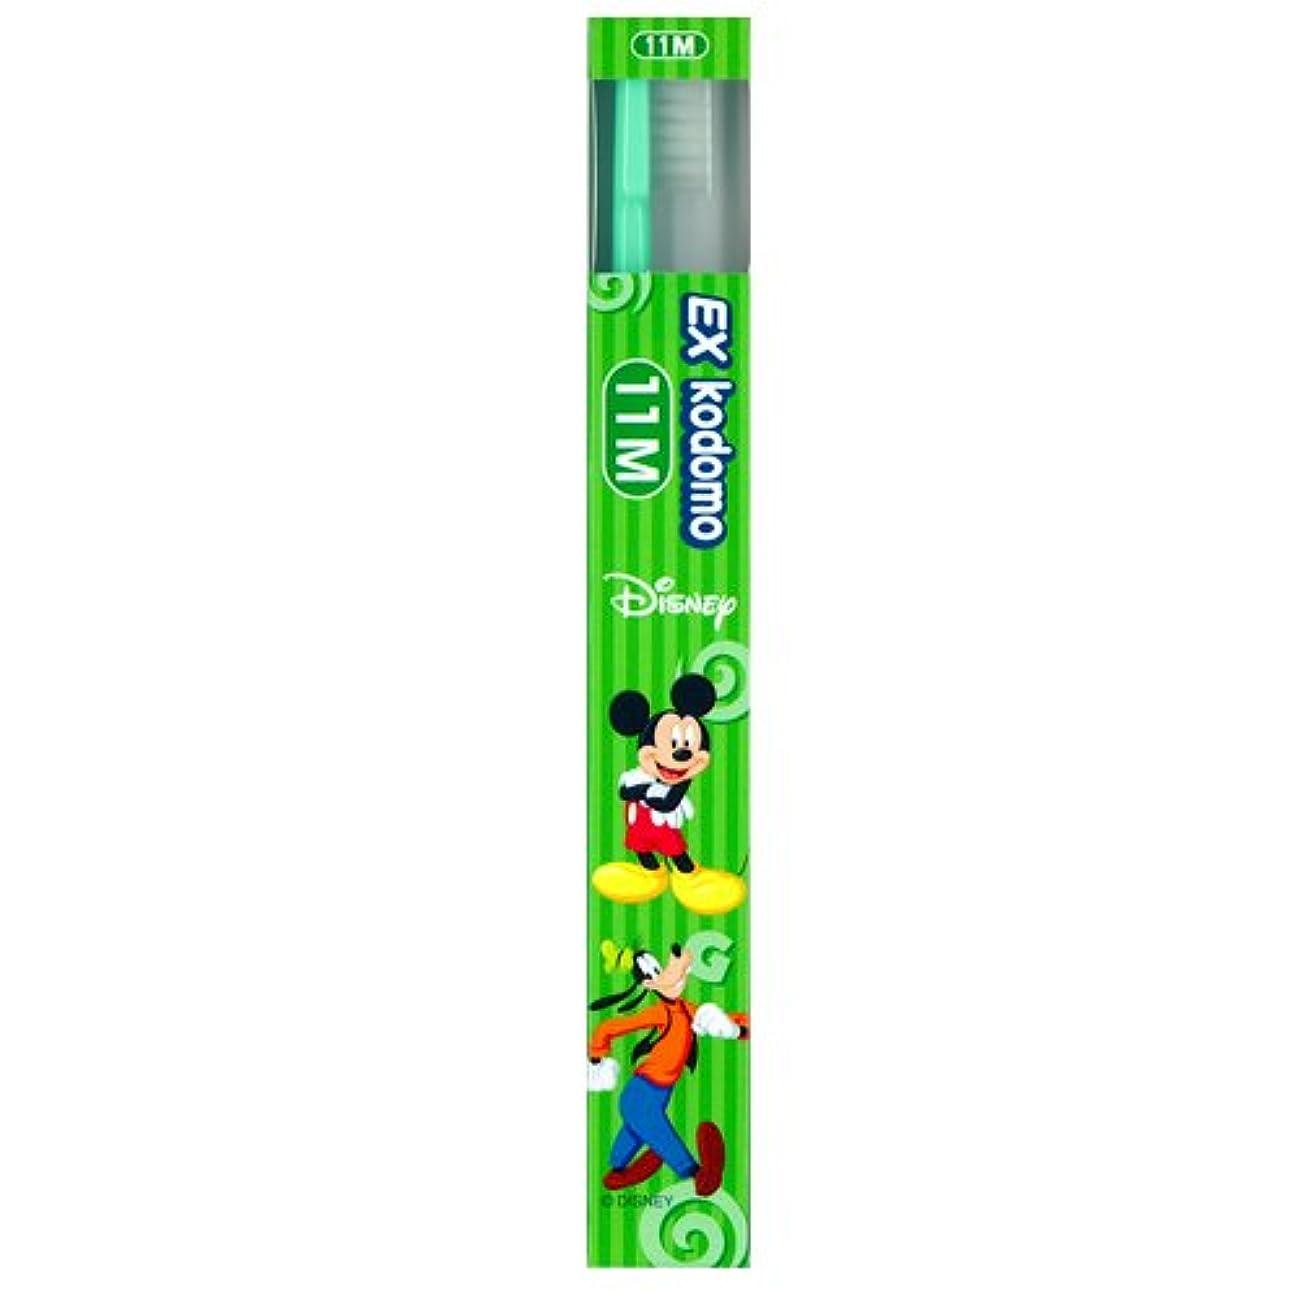 ヒゲ考える深くライオン EX kodomo ディズニー 歯ブラシ 1本 11M グリーン